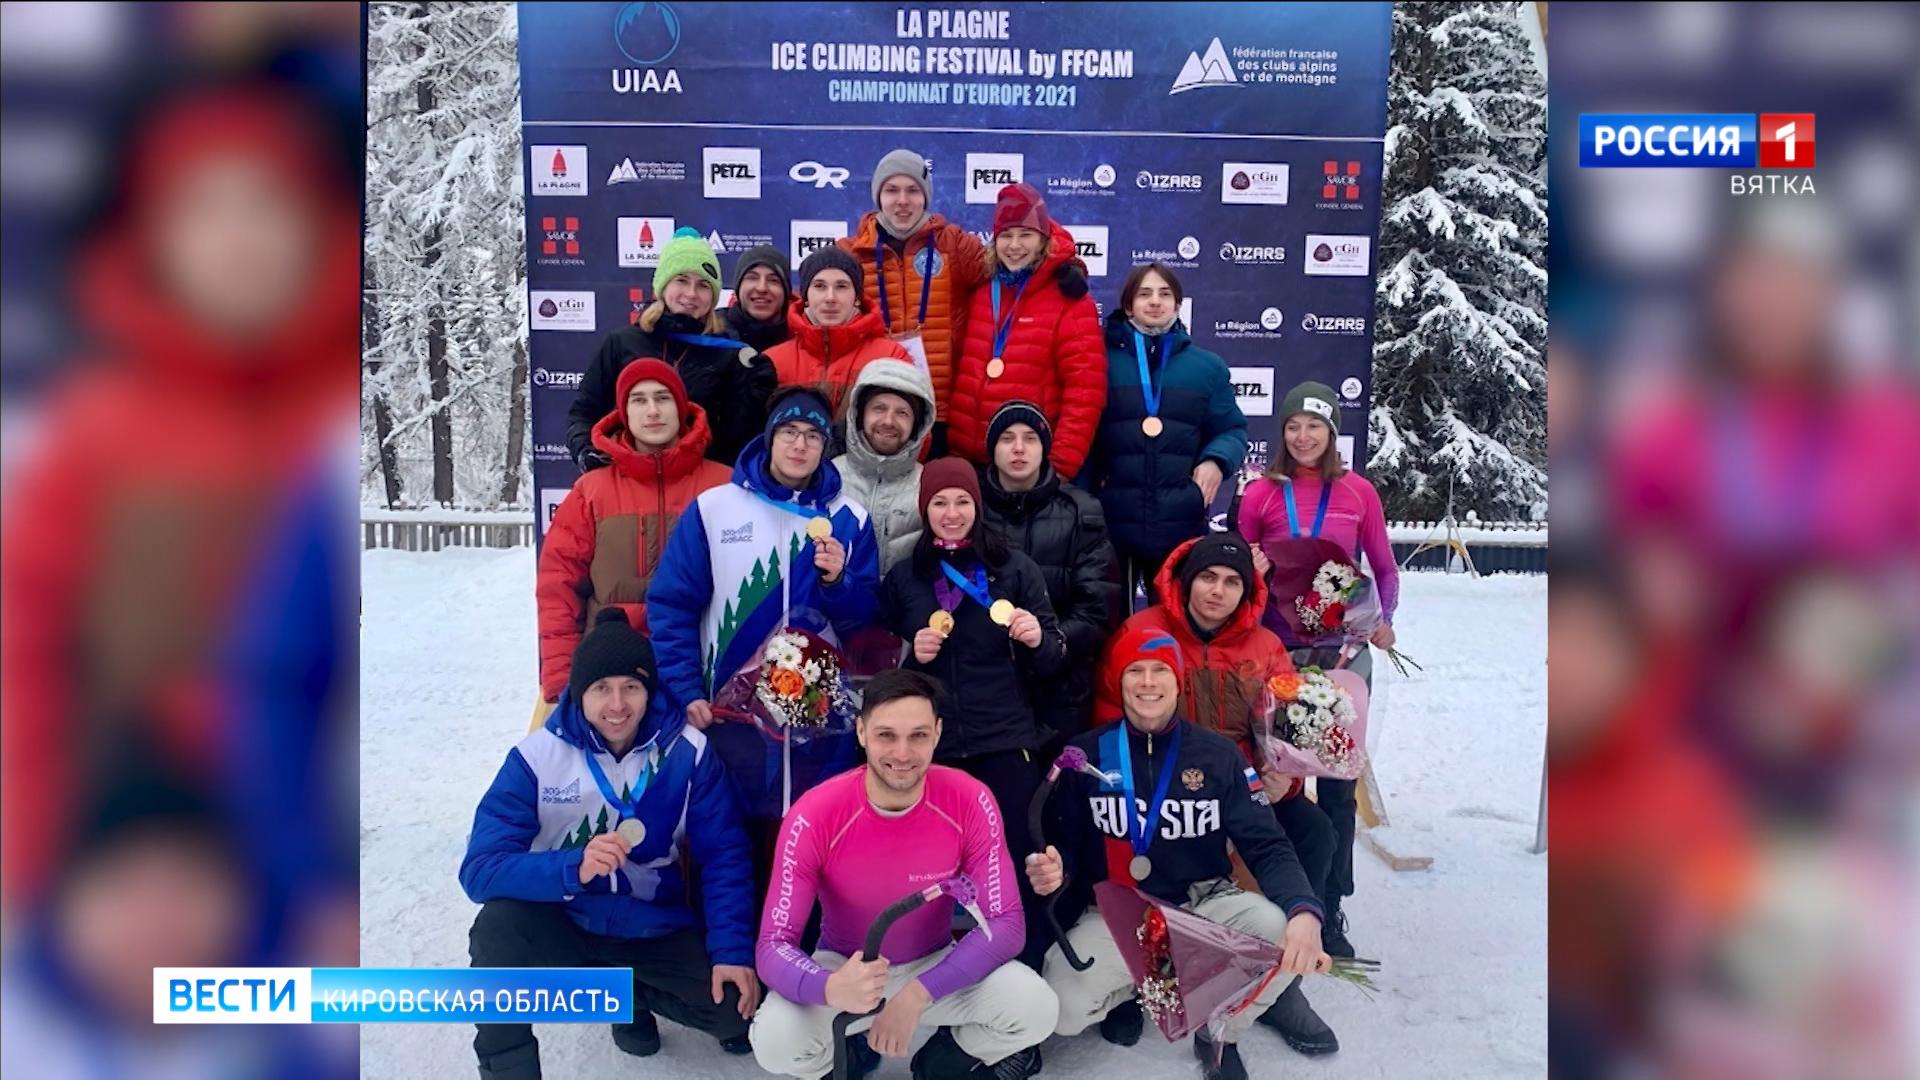 Кировчане вошли в число победителей и призёров чемпионата Европы по ледолазанию